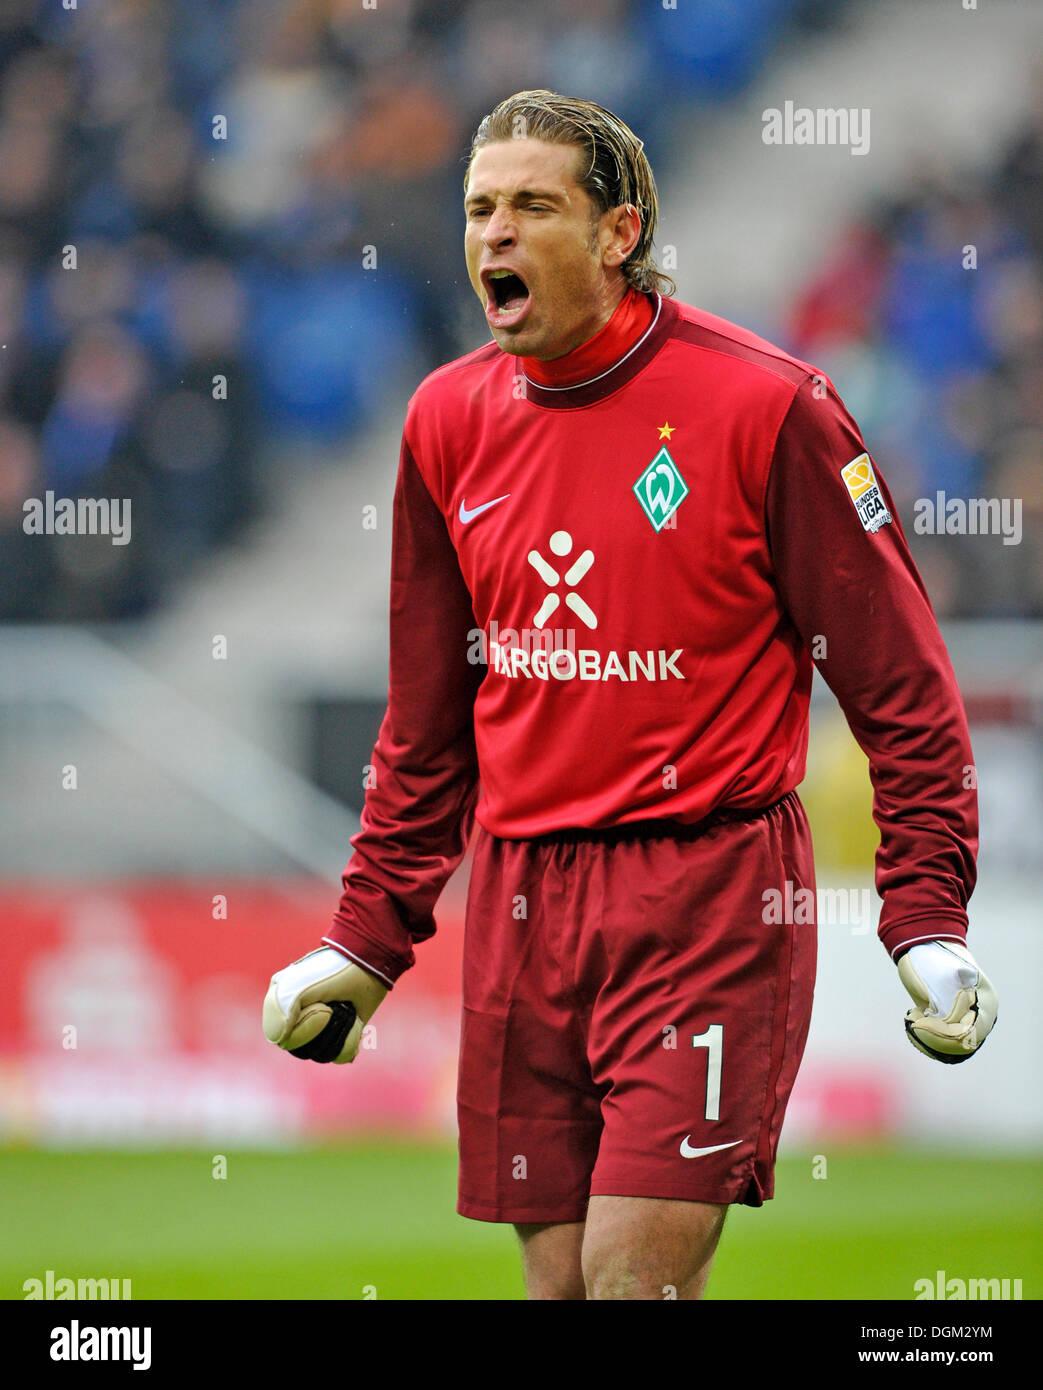 Tim Wiese Werder